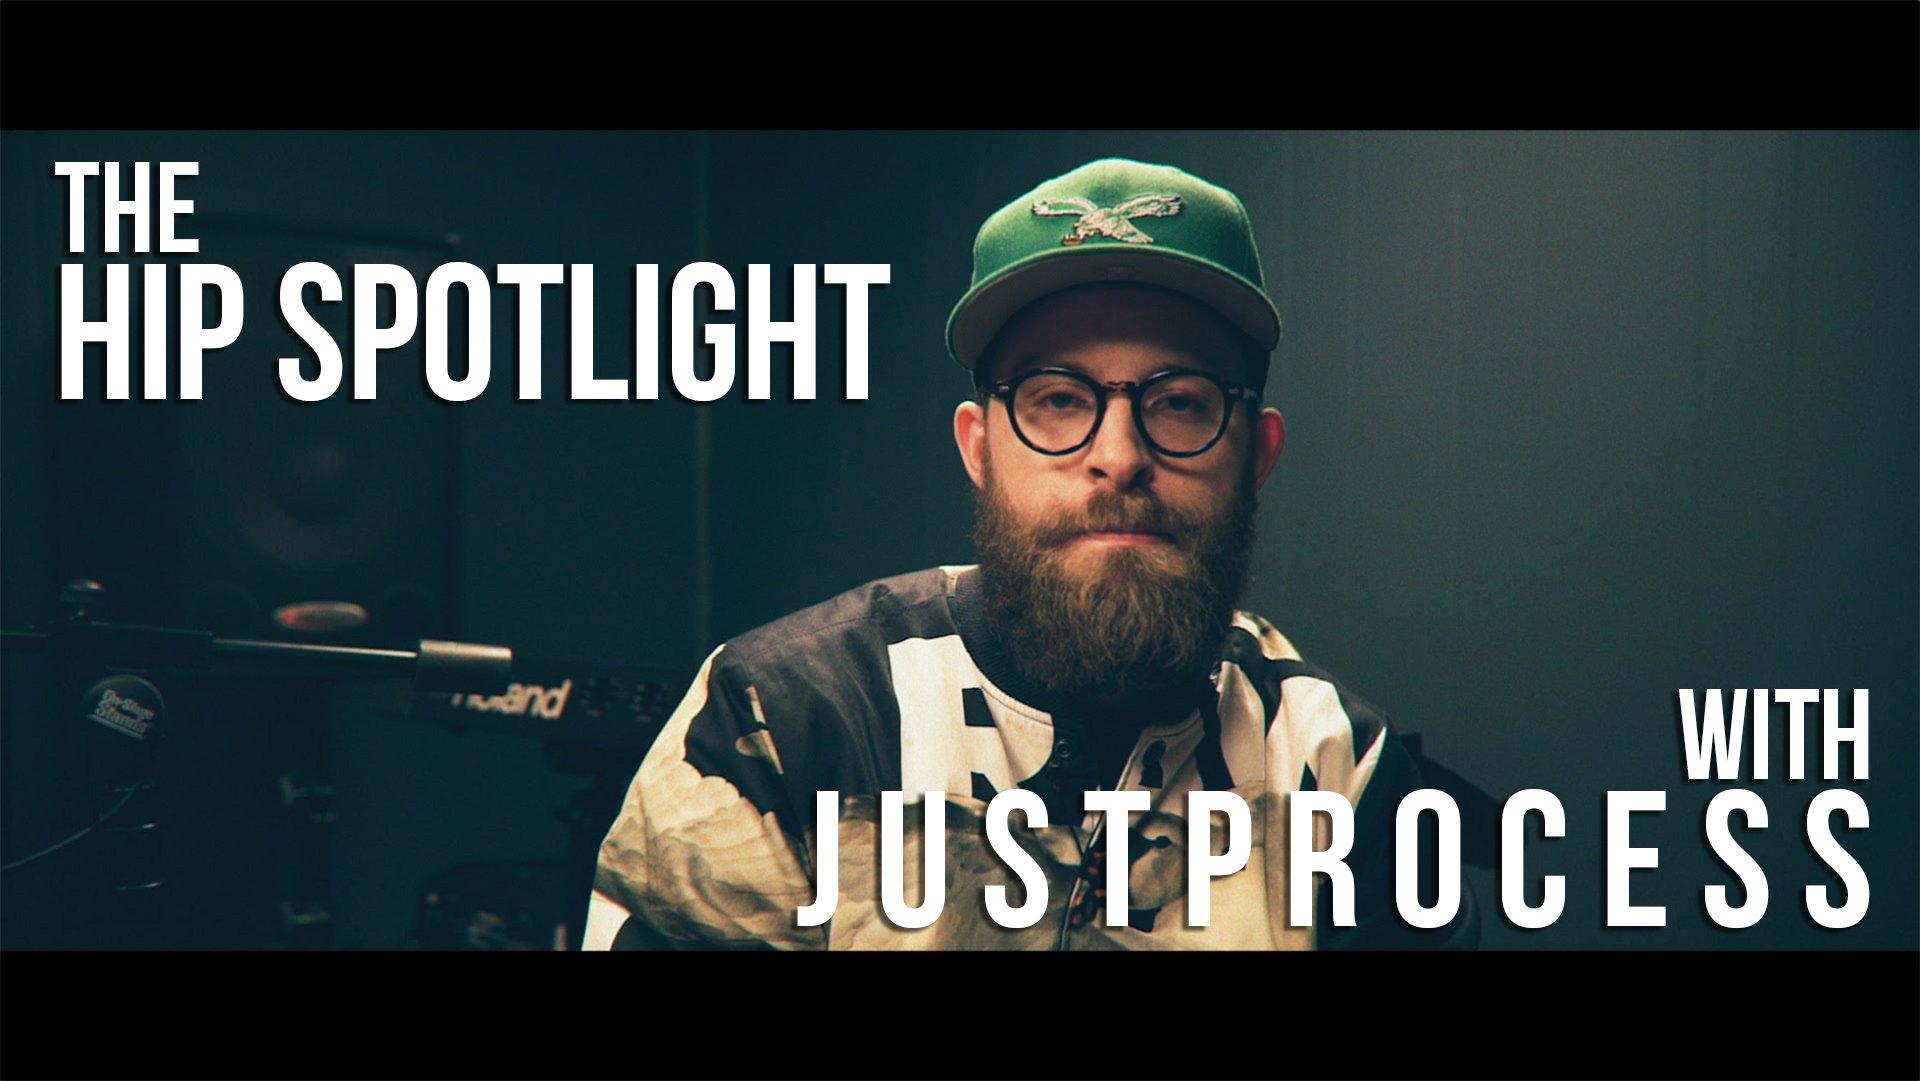 J U S T P R O C E S S HIP Spotlight